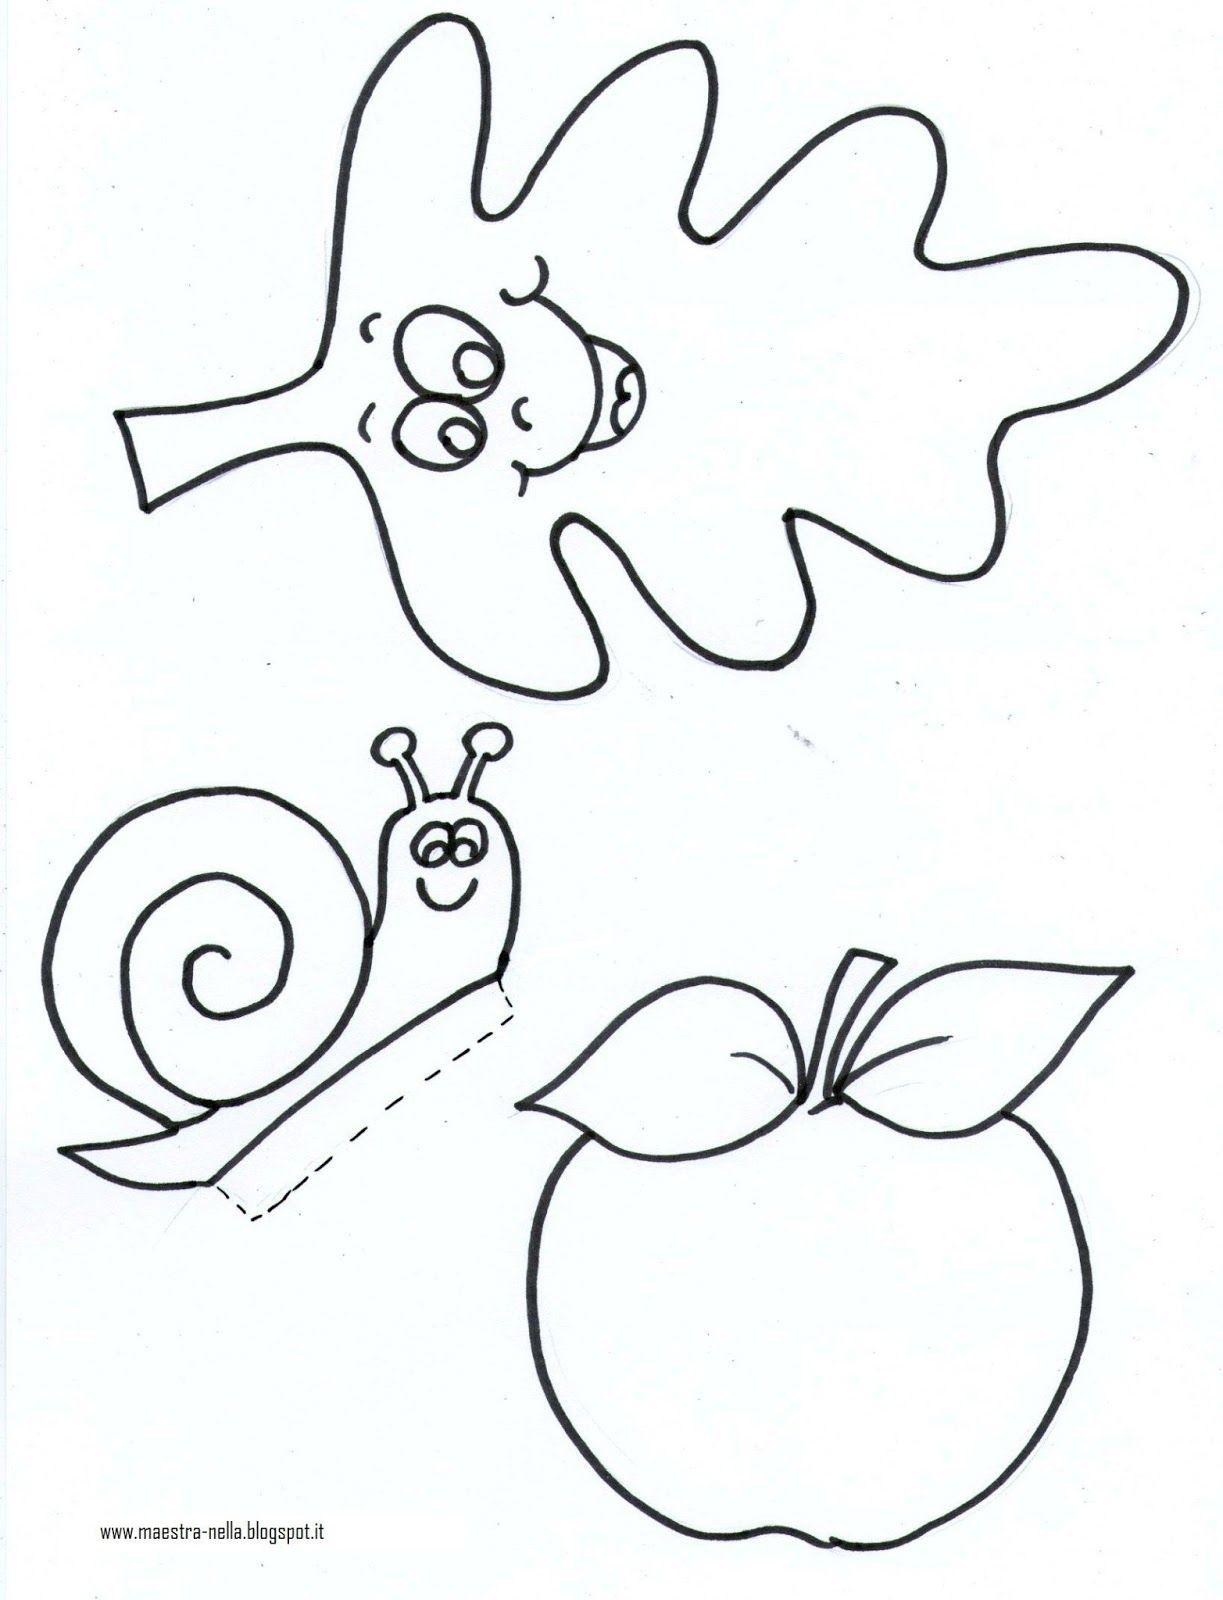 Maestra nella autunno addobbi per l 39 aula oto o for Addobbi autunnali per l aula